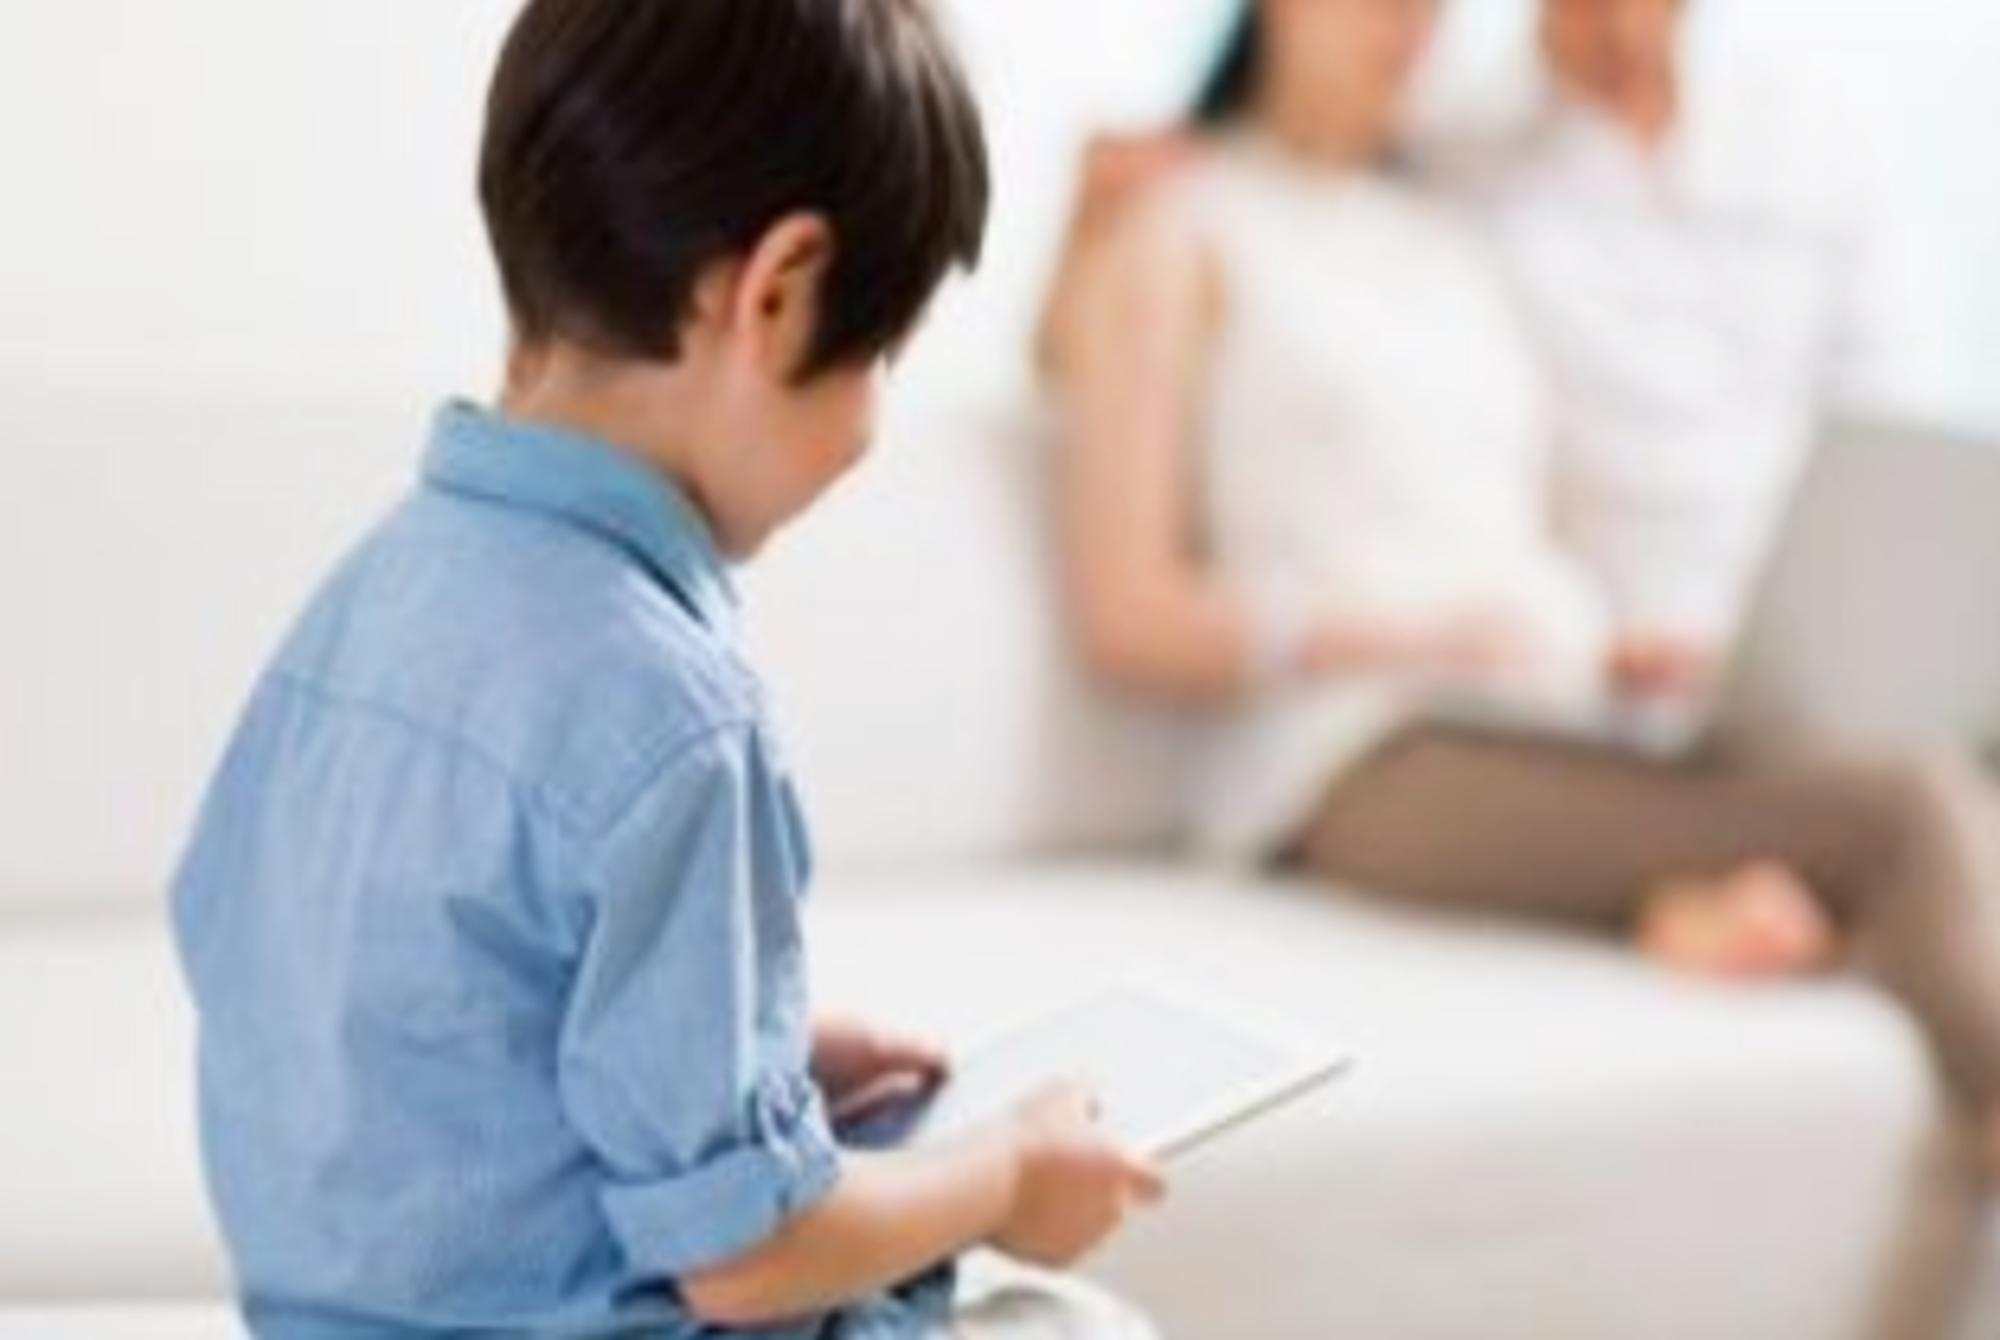 孩子驼背,蛮力纠正不可取,比打骂更有效的是这几招,父母快试试